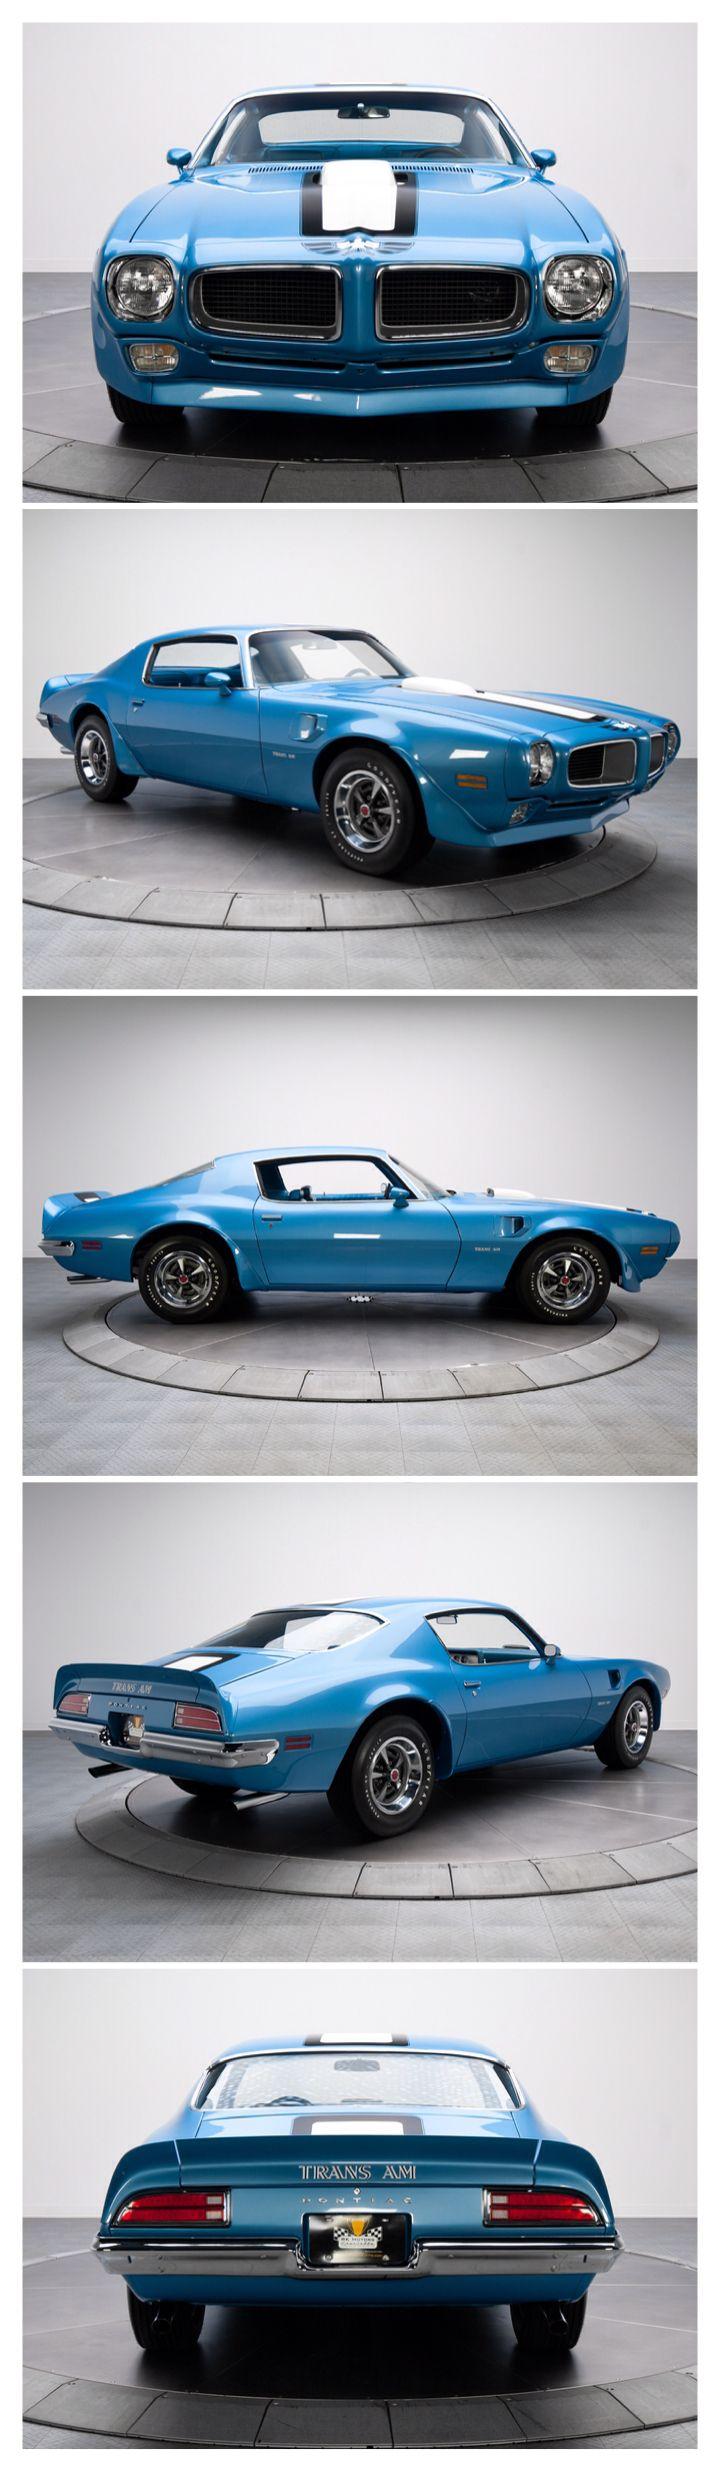 1970 Pontiac Trans Am                                                                                                                                                                                 More